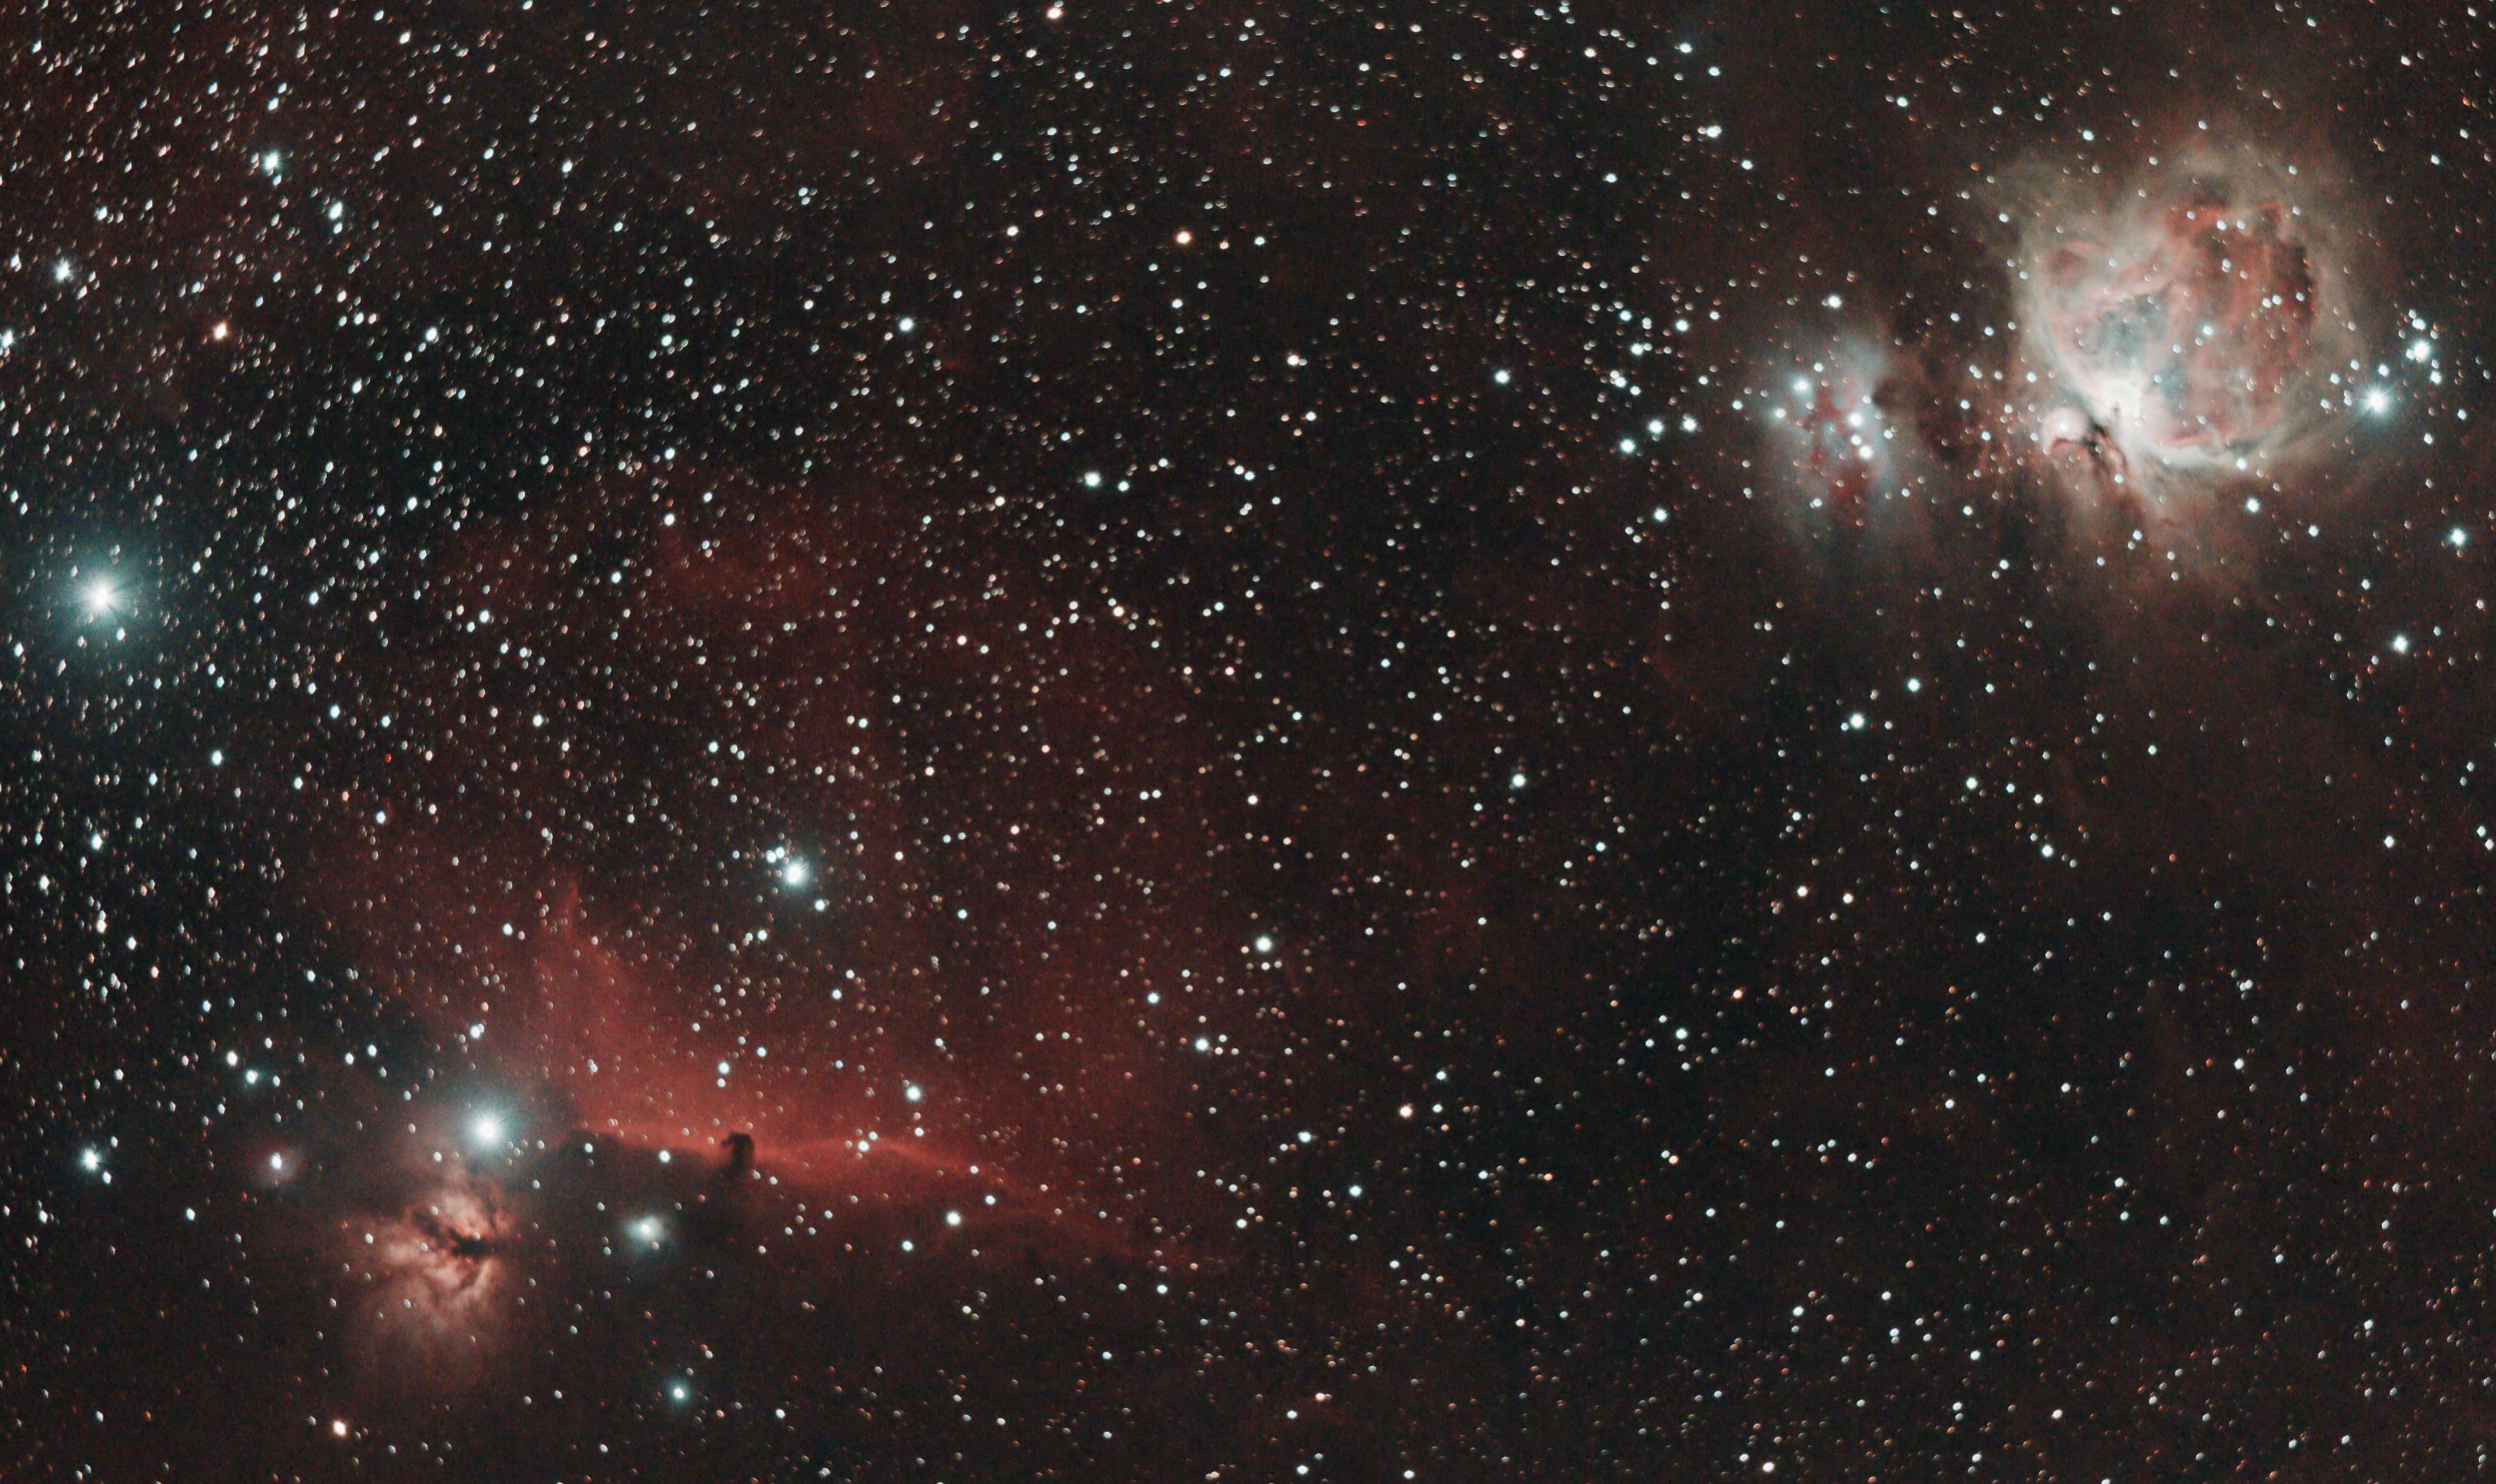 M42 et la tête de cheval